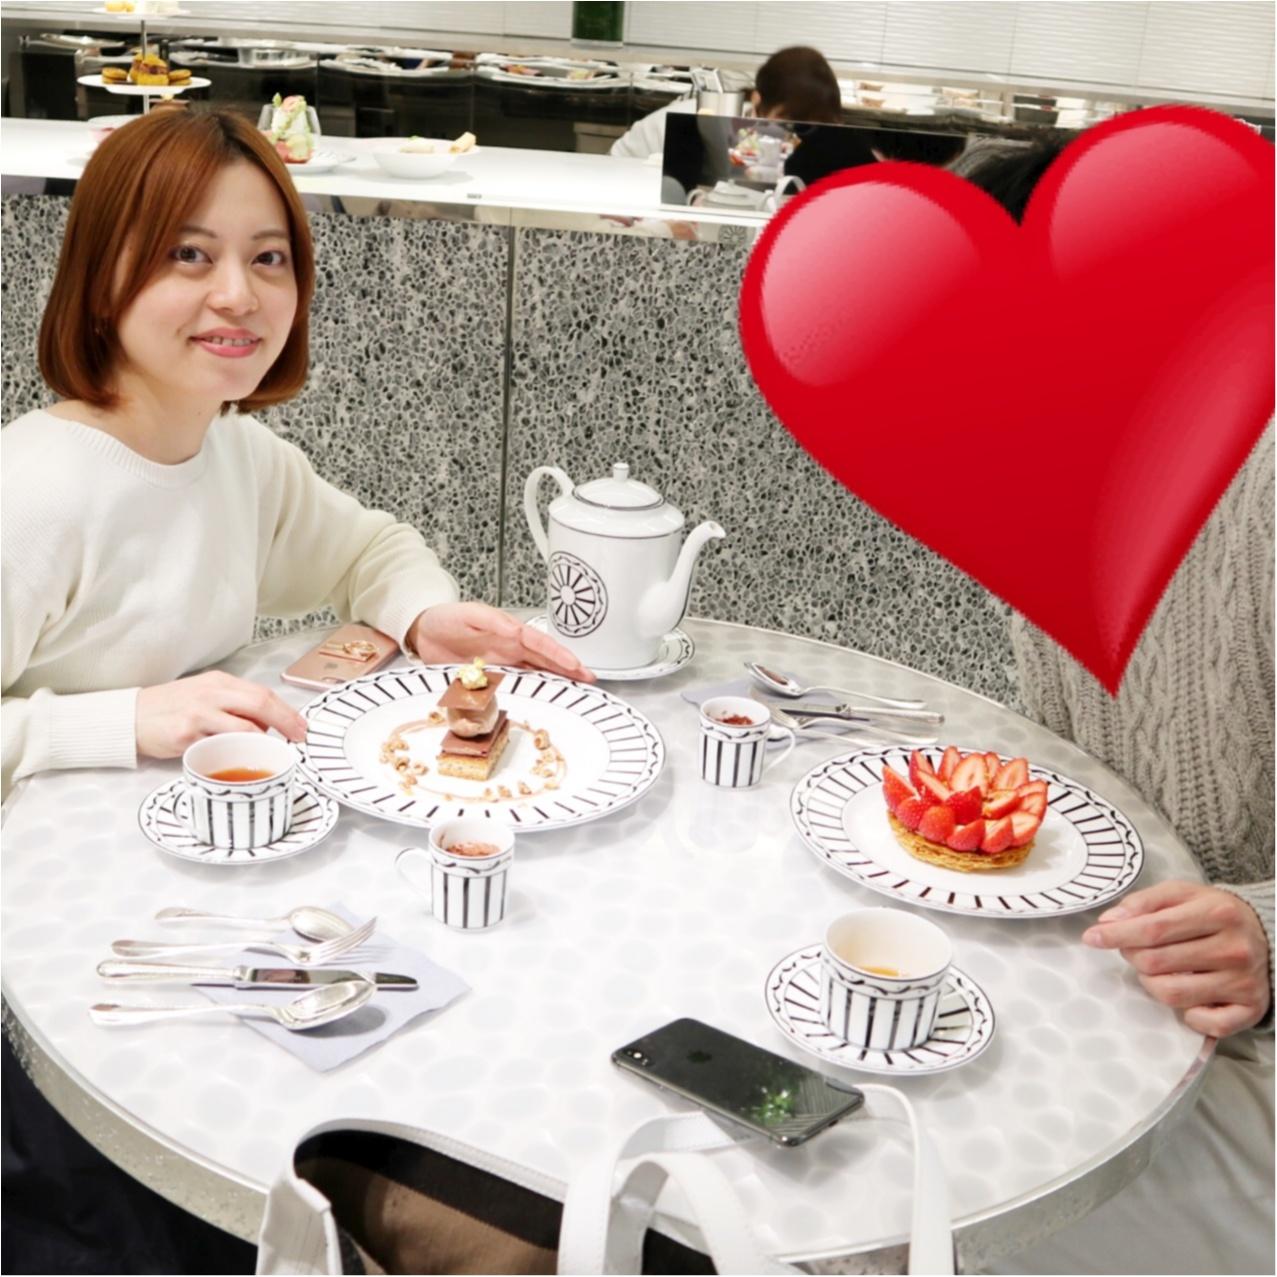 【銀座カフェ】ピエールエルメ監修《ディオールカフェ》で過ごすラグジュアリーなティータイム♡_7